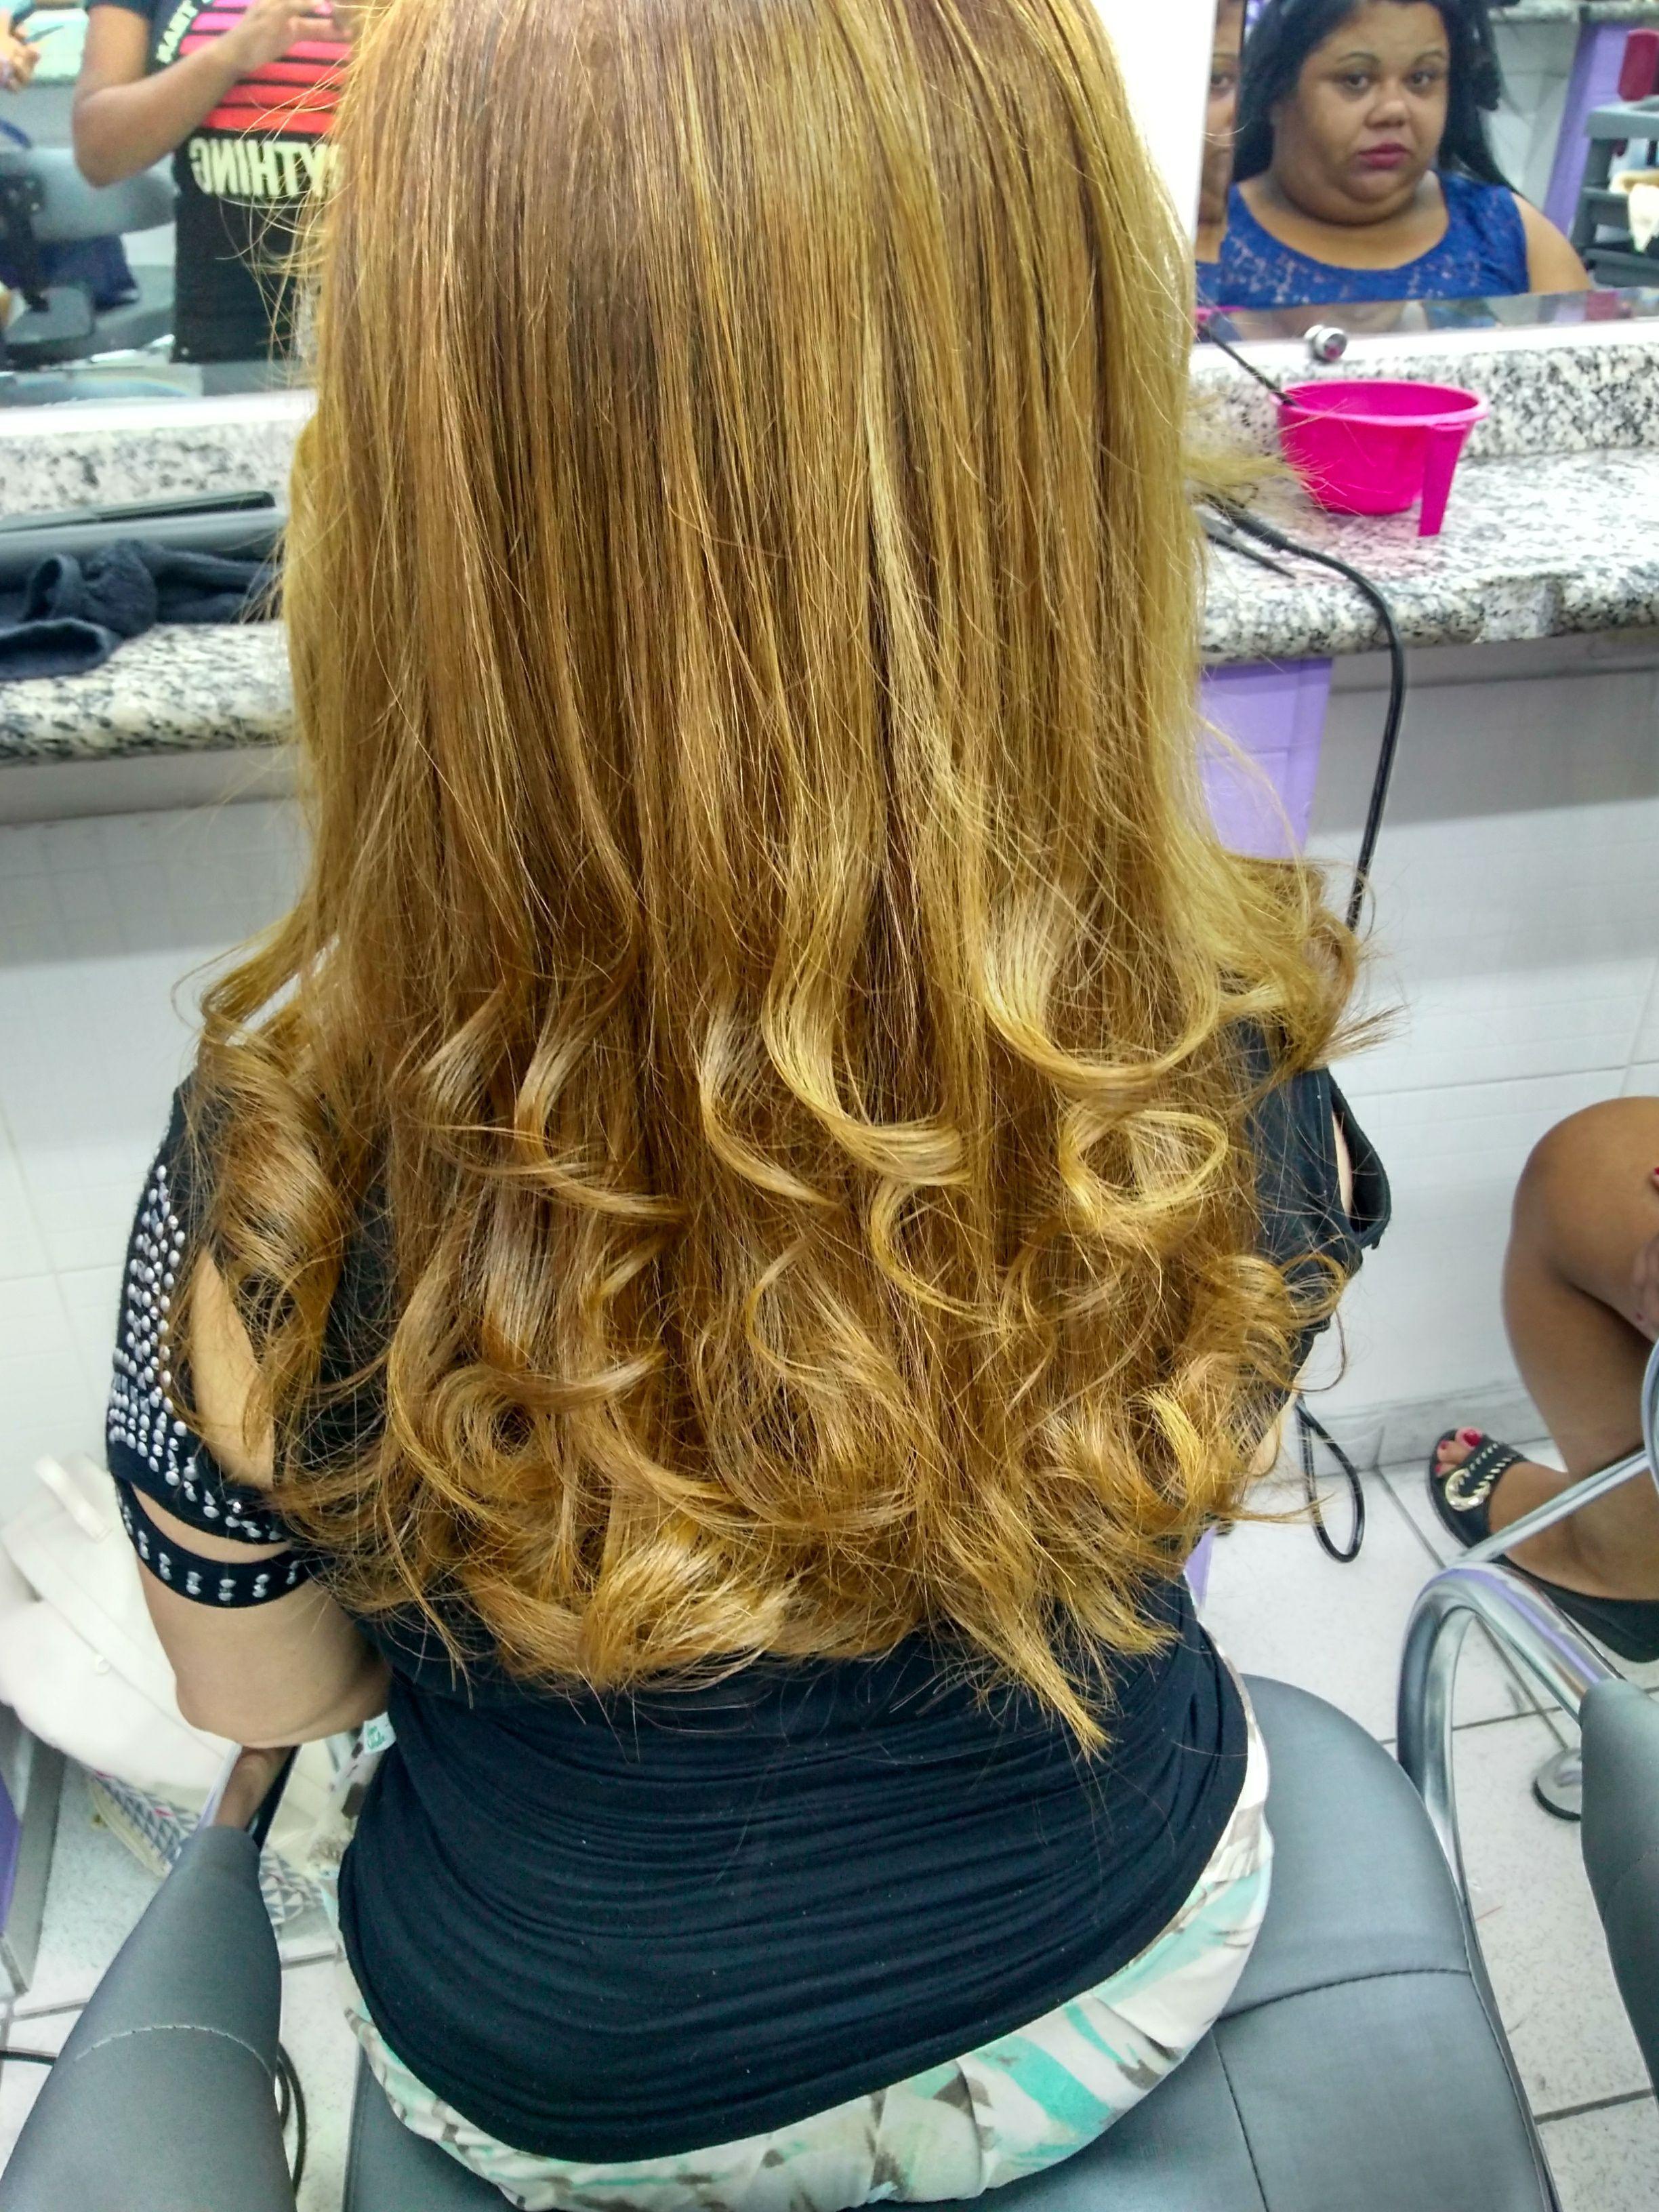 Retoque raiz E Escova.. cabelo auxiliar cabeleireiro(a) auxiliar cabeleireiro(a) auxiliar cabeleireiro(a) auxiliar cabeleireiro(a) auxiliar cabeleireiro(a)